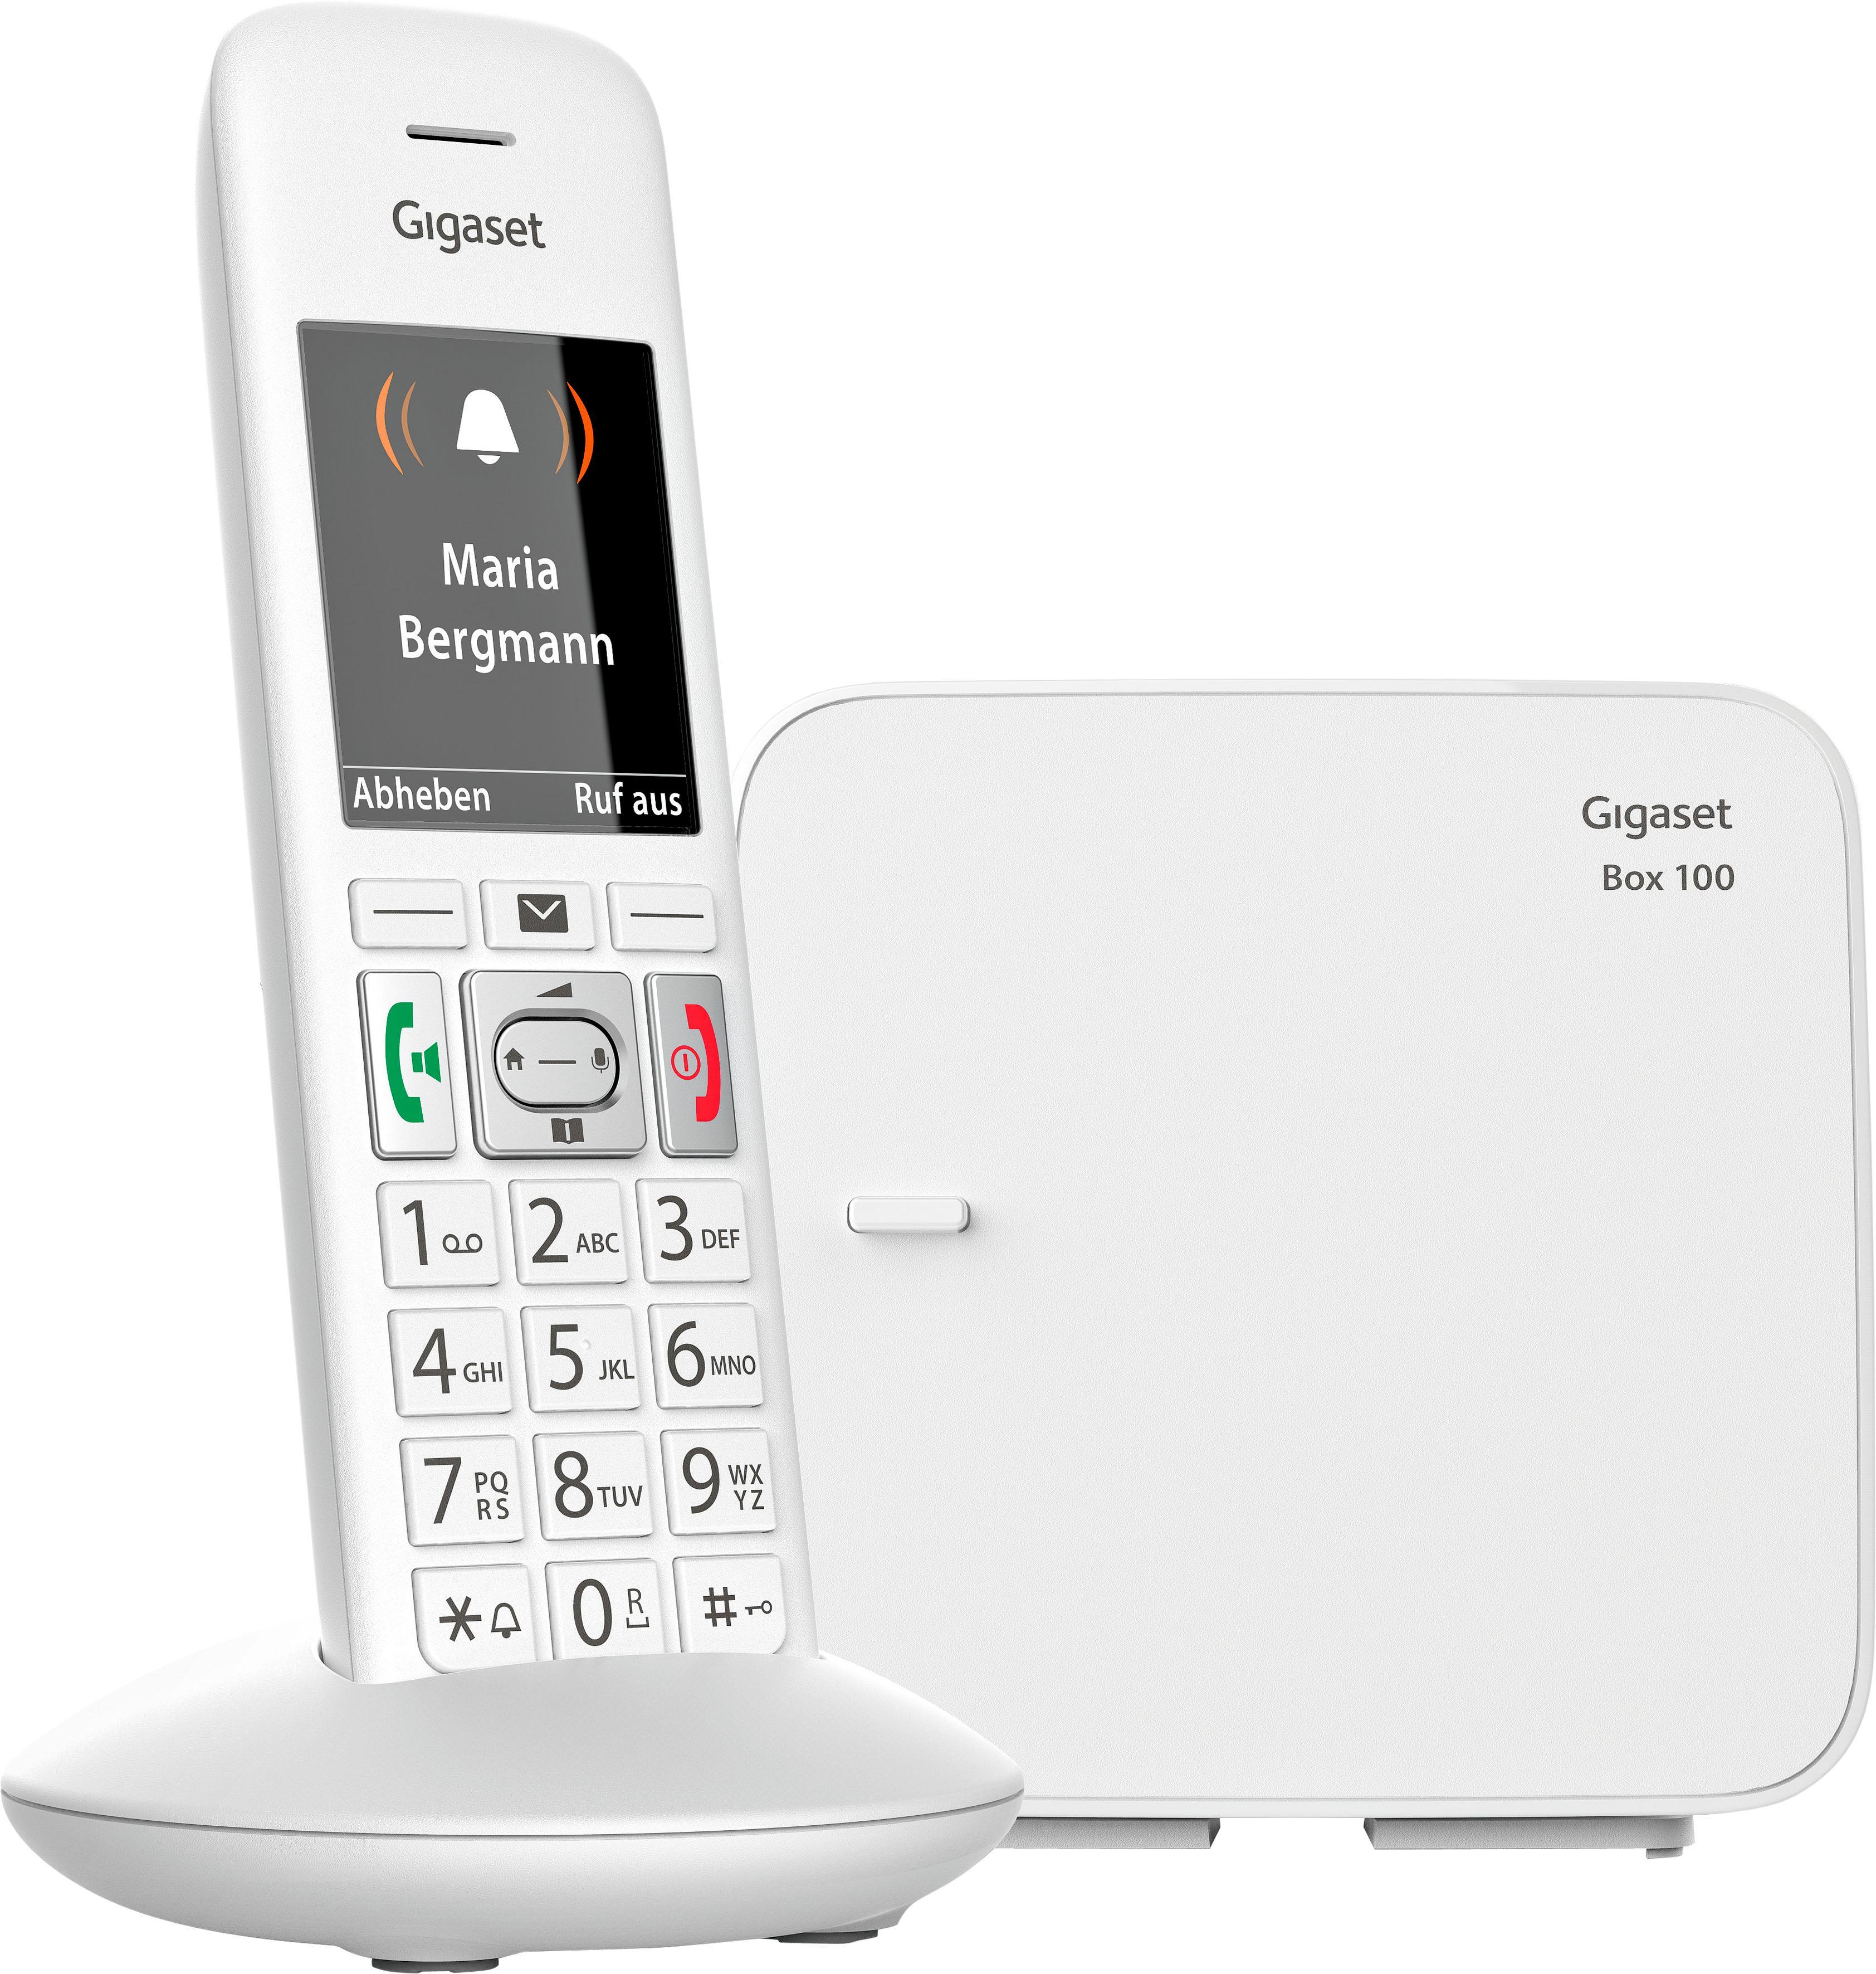 gigaset e370 schnurloses dect telefon mobilteile 1. Black Bedroom Furniture Sets. Home Design Ideas